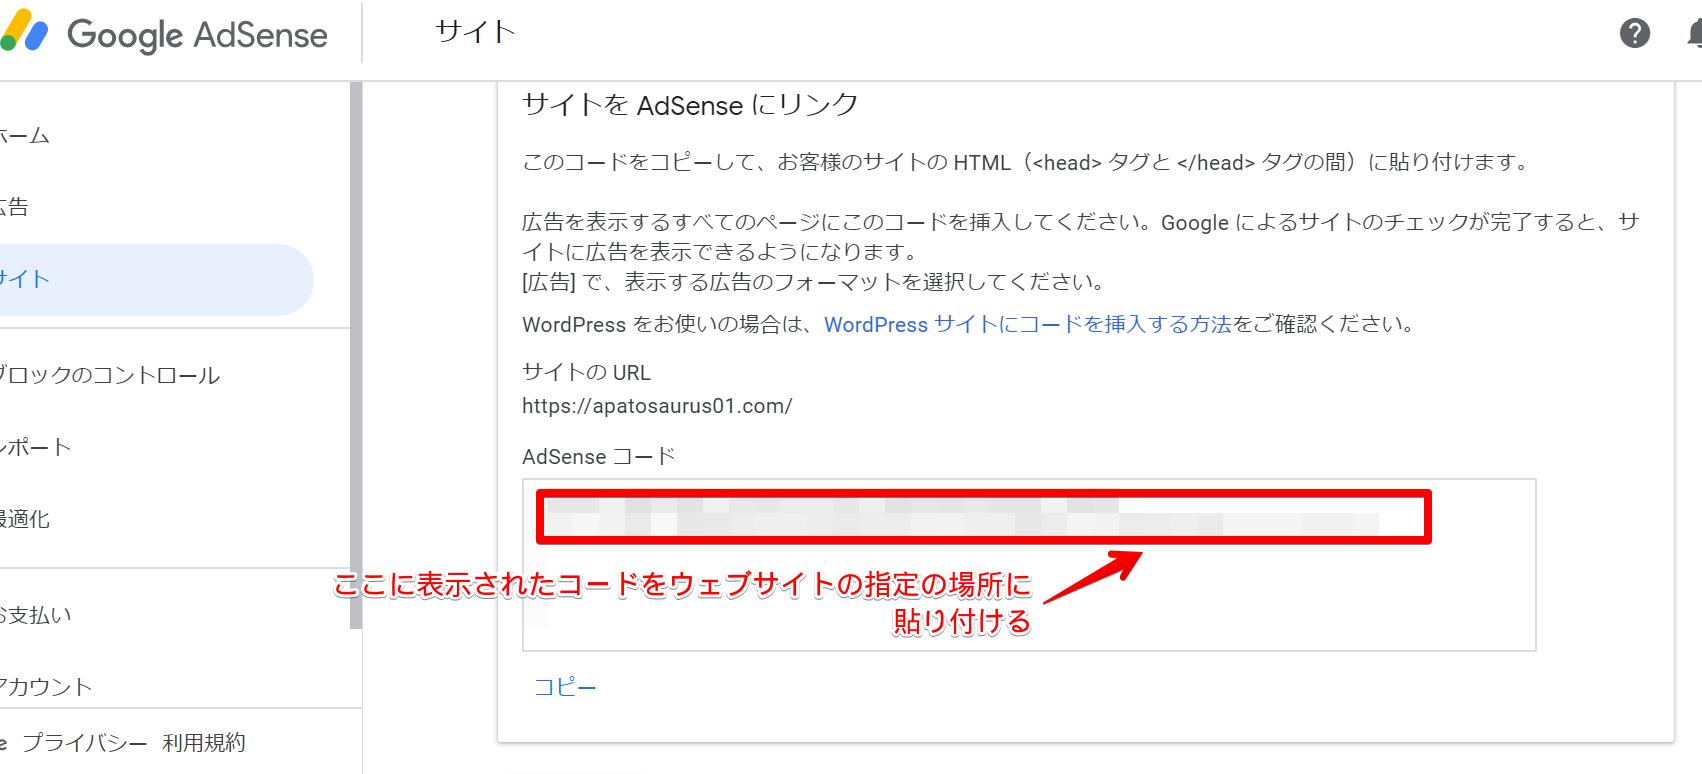 アドセンス審査03